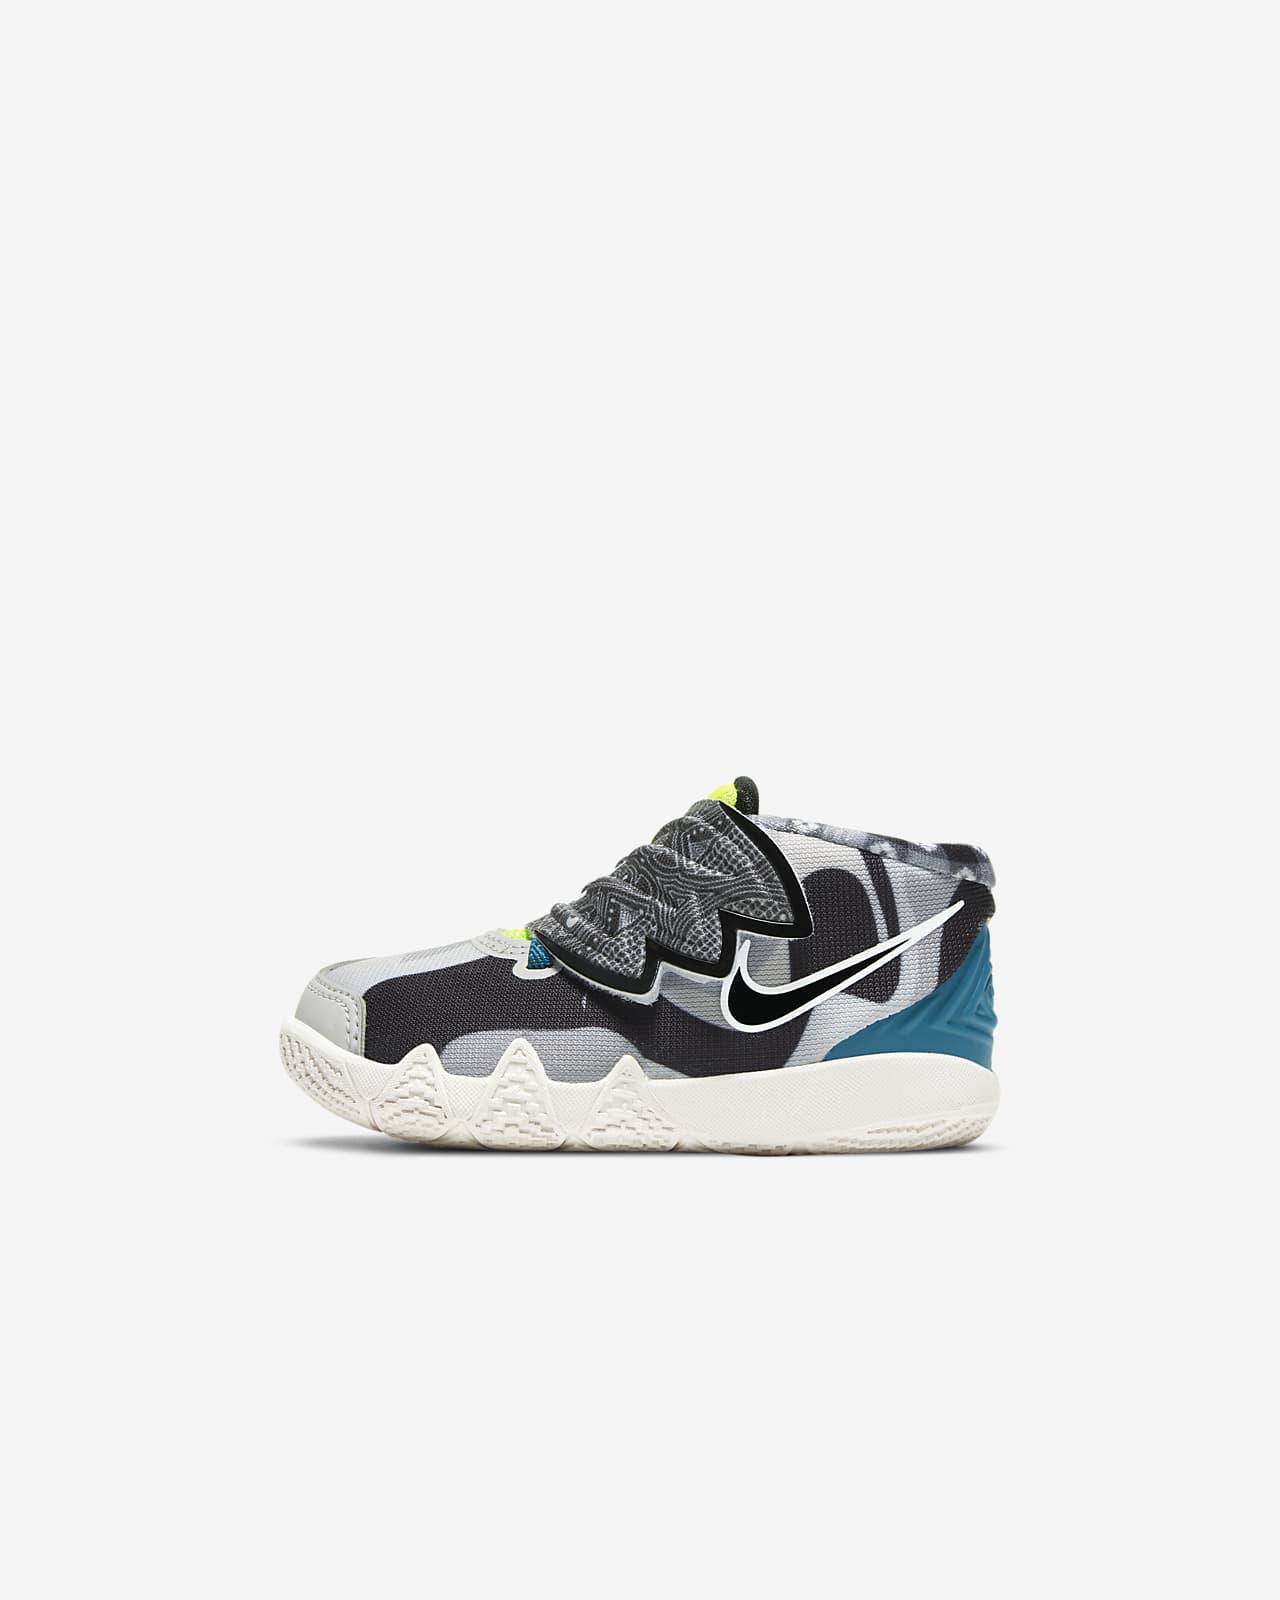 Kybrid S2 (TDV) 婴童运动童鞋